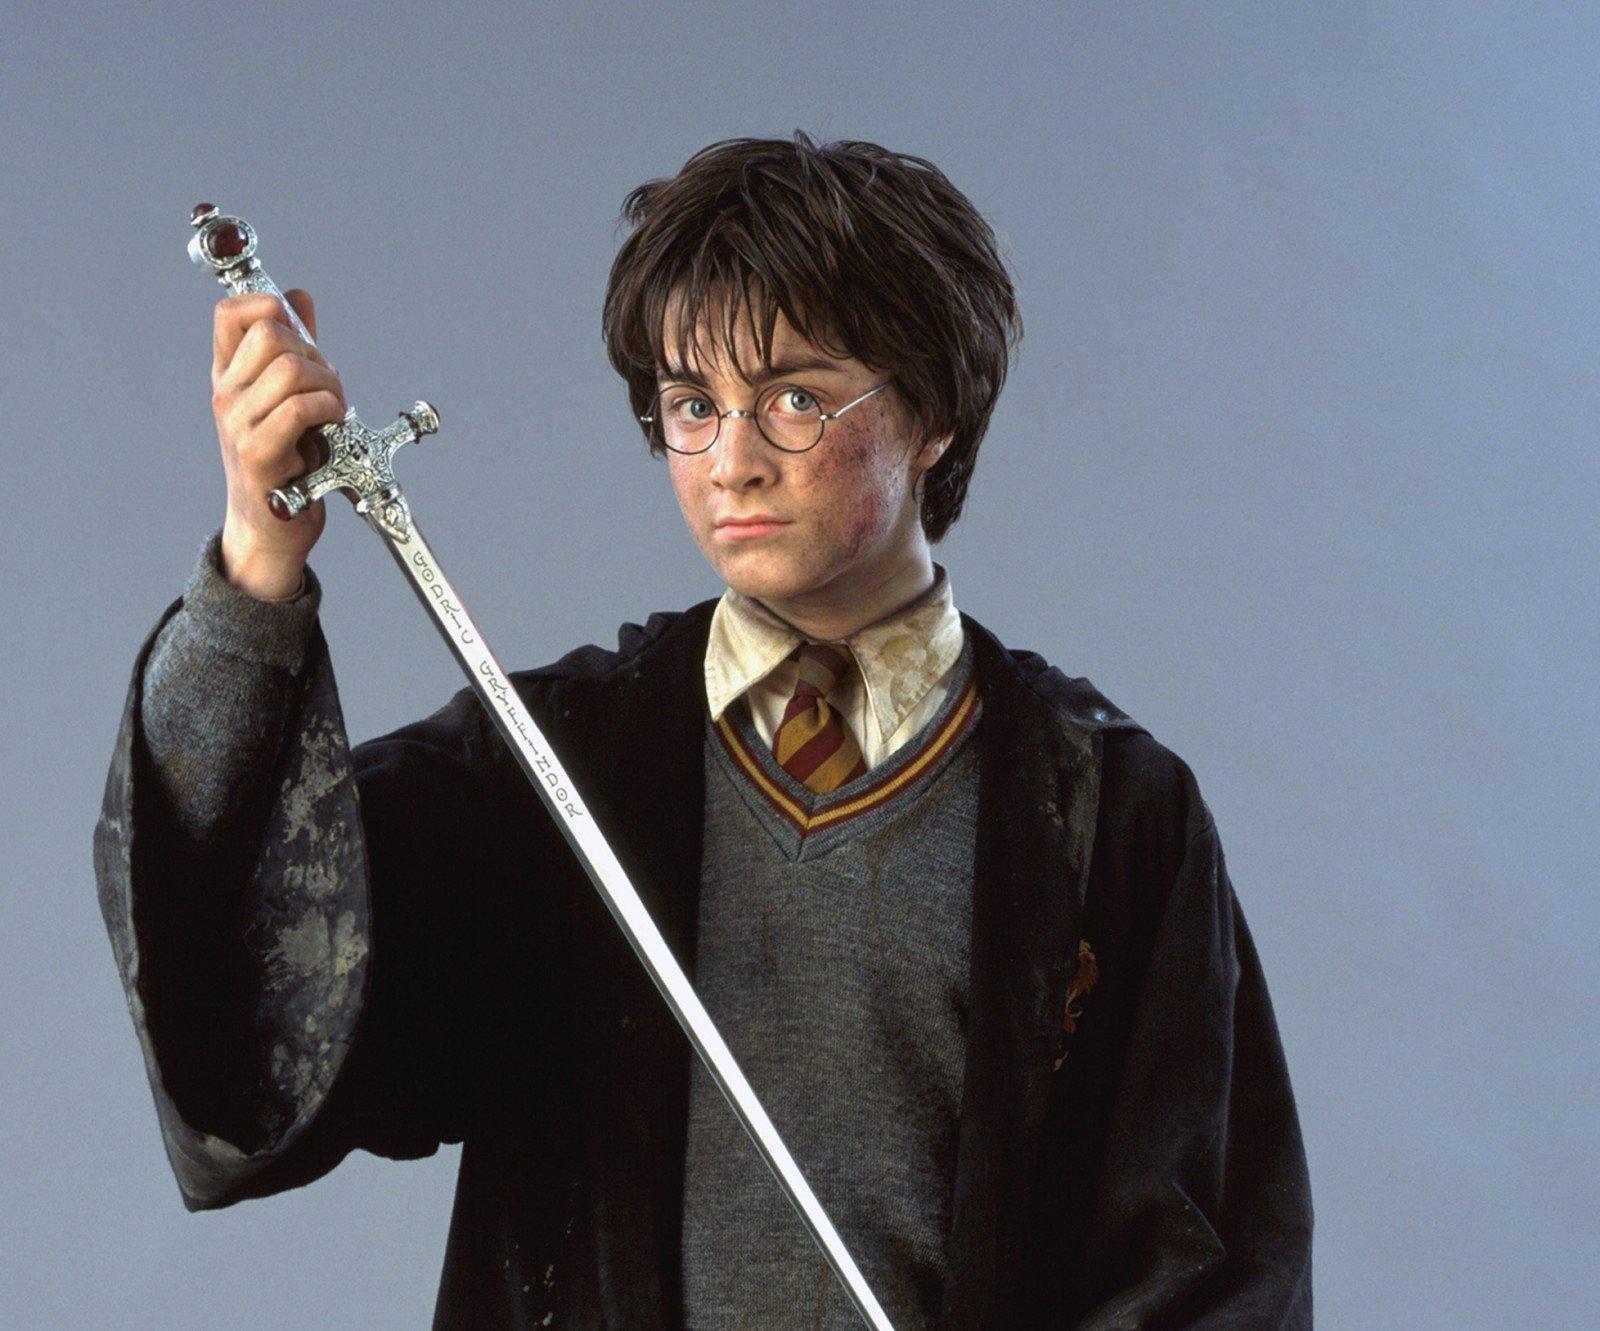 Истории оГарри Поттере исполнилось 20 лет